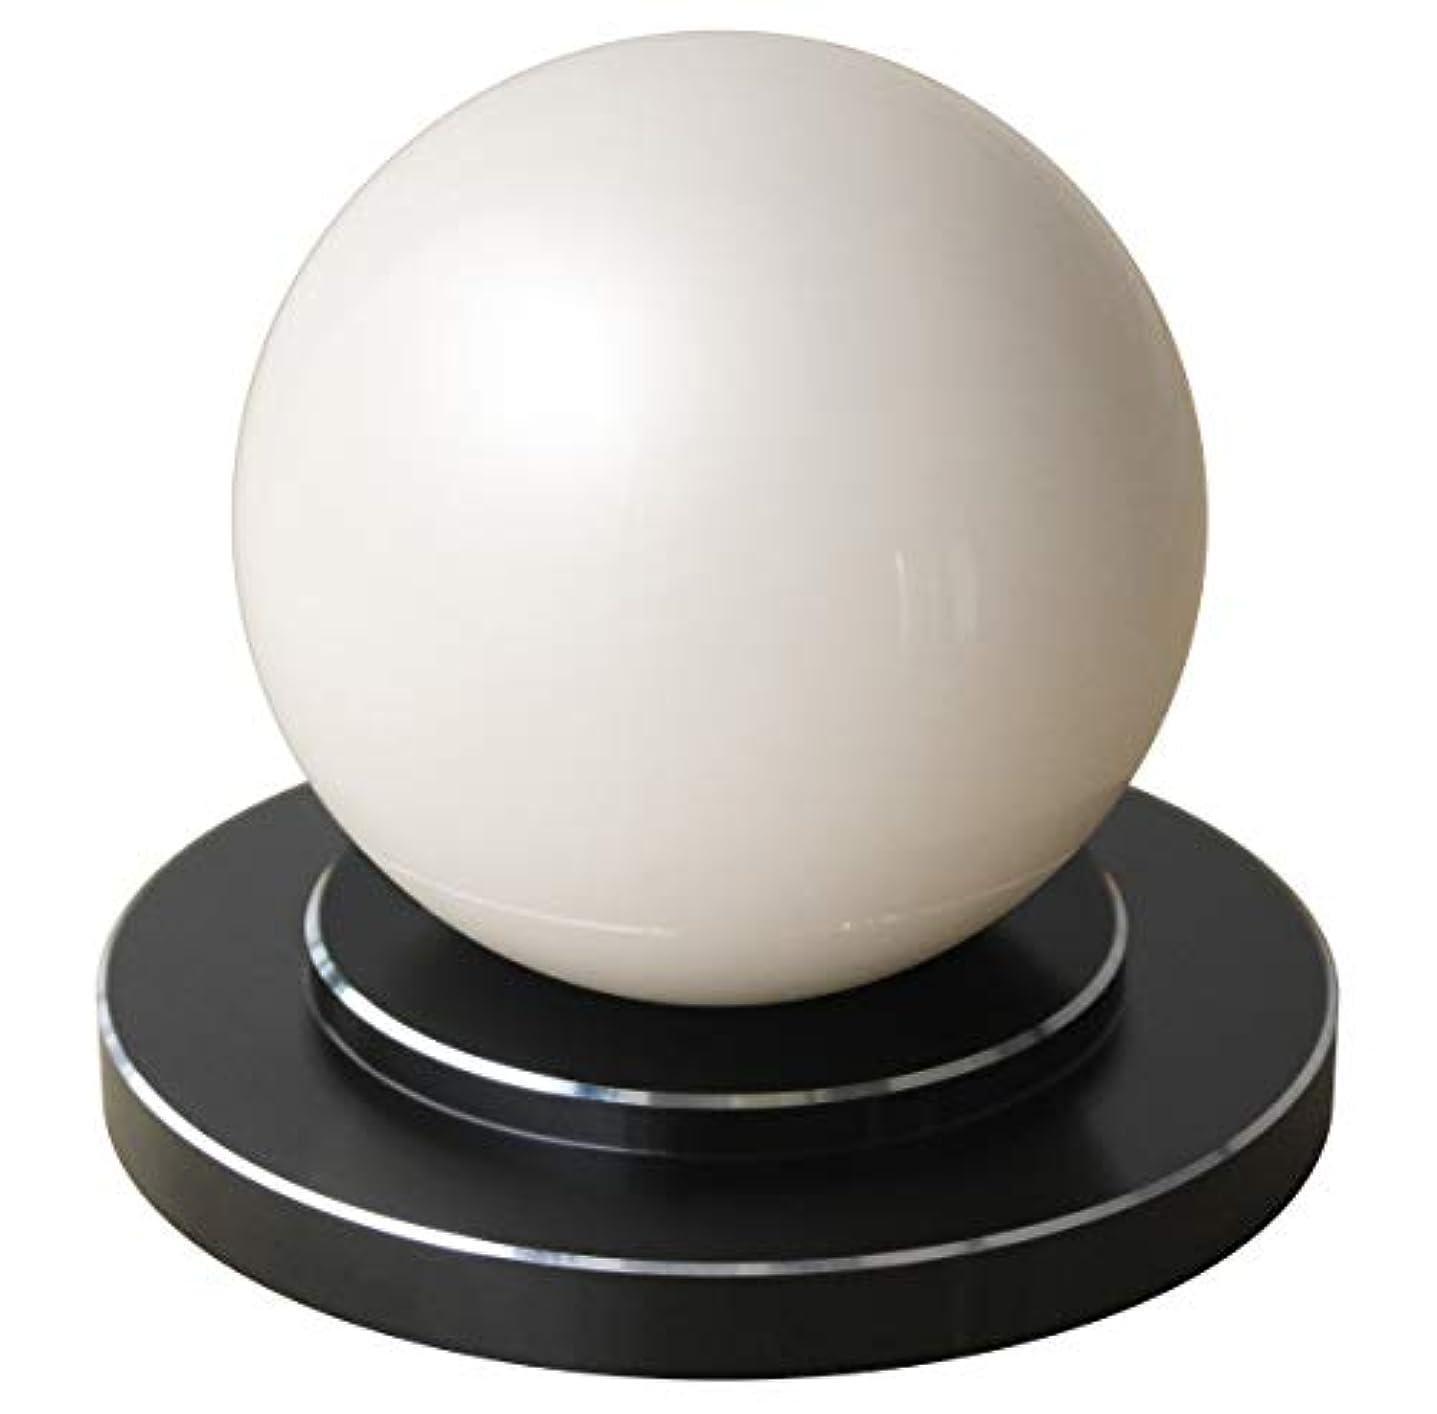 アカデミックマラウイ単語商品名:楽人球(らくときゅう):インテリアにもなるスタイリッシュな指圧器。光沢のある大きな球体。美しさと指圧の実力を兼ね備えた全く新しいタイプの指圧器。筋肉のこりをほぐし、リラックスできる。 【 すごく効く理由→一点圧により指圧位置の微調整が可能。大きな球体(直径75mm)により身体にゆるやかに当たる。硬い球体により指圧部位にしっかり入る。球体と台座が分離することにより、頭、首、肩、背中、腰、胸、腹、お尻、太もも、ふくらはぎ、すね、足裏、腕、身体の前面も背面も指圧部位ごとに使いやすい形状と使用方法(おす?さする?もむ?たたく)を選択可能。】楽人球の「特徴?使用方法?使用上のご注意」に関しての詳細は株式会社楽人のホームページへ→「楽人球」で検索。指圧 指圧器 指圧代用器 整体 マッサージ マッサージ器 ツボ押し ツボ押しグッズ つぼおし つぼ押し 肩こり 腰痛 こりほぐし インテリア